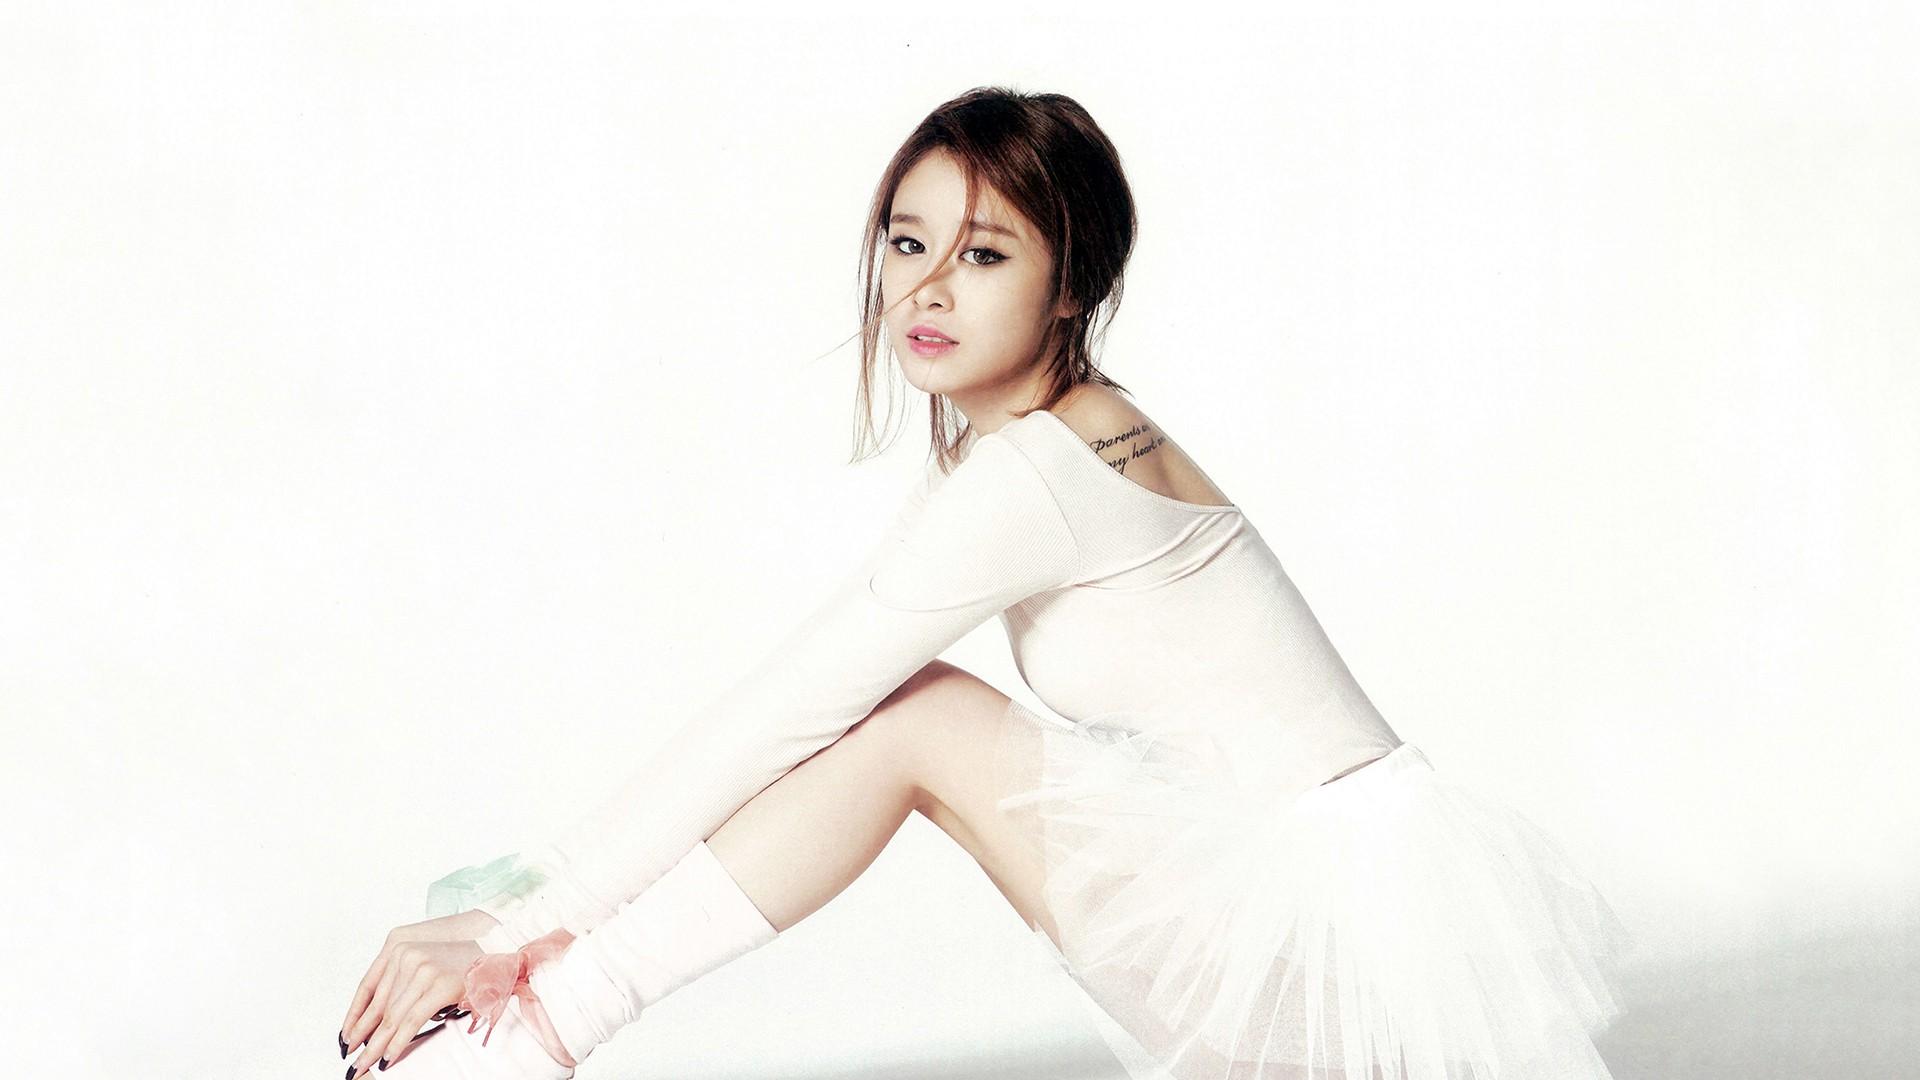 这个韩国女星叫什么名字